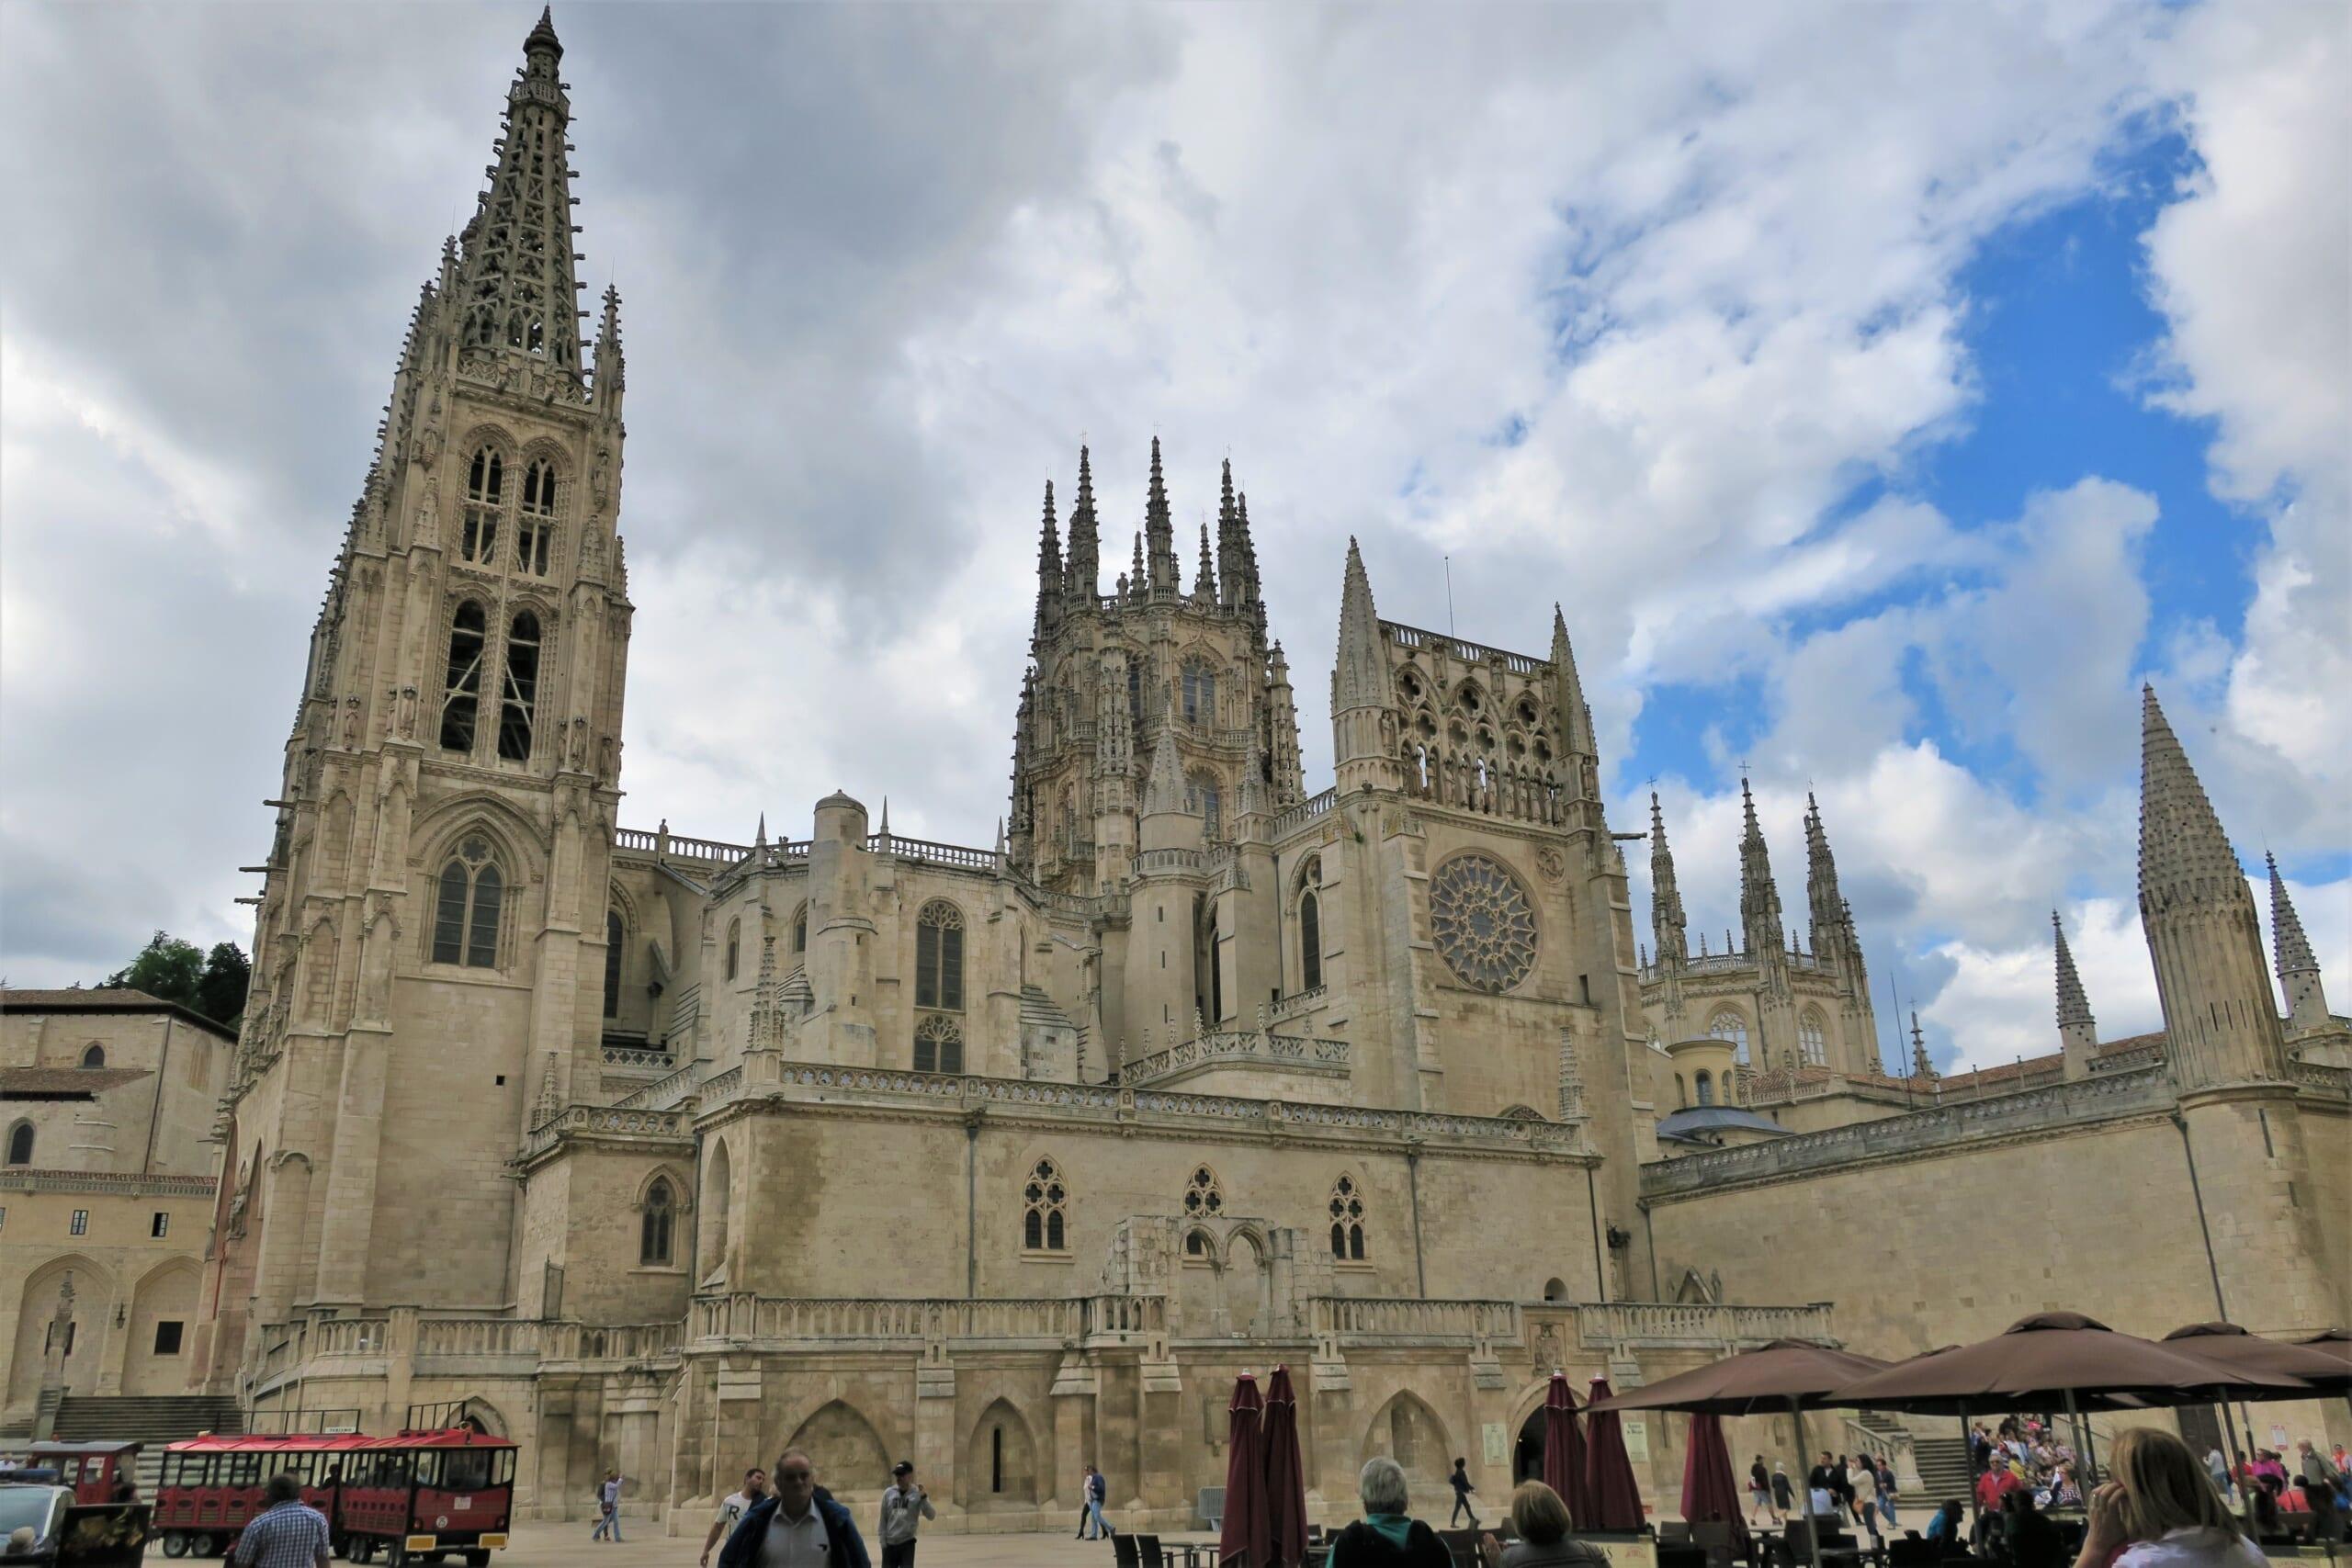 北スペインのサンティアゴ巡礼路の経由地であるブルゴス大聖堂